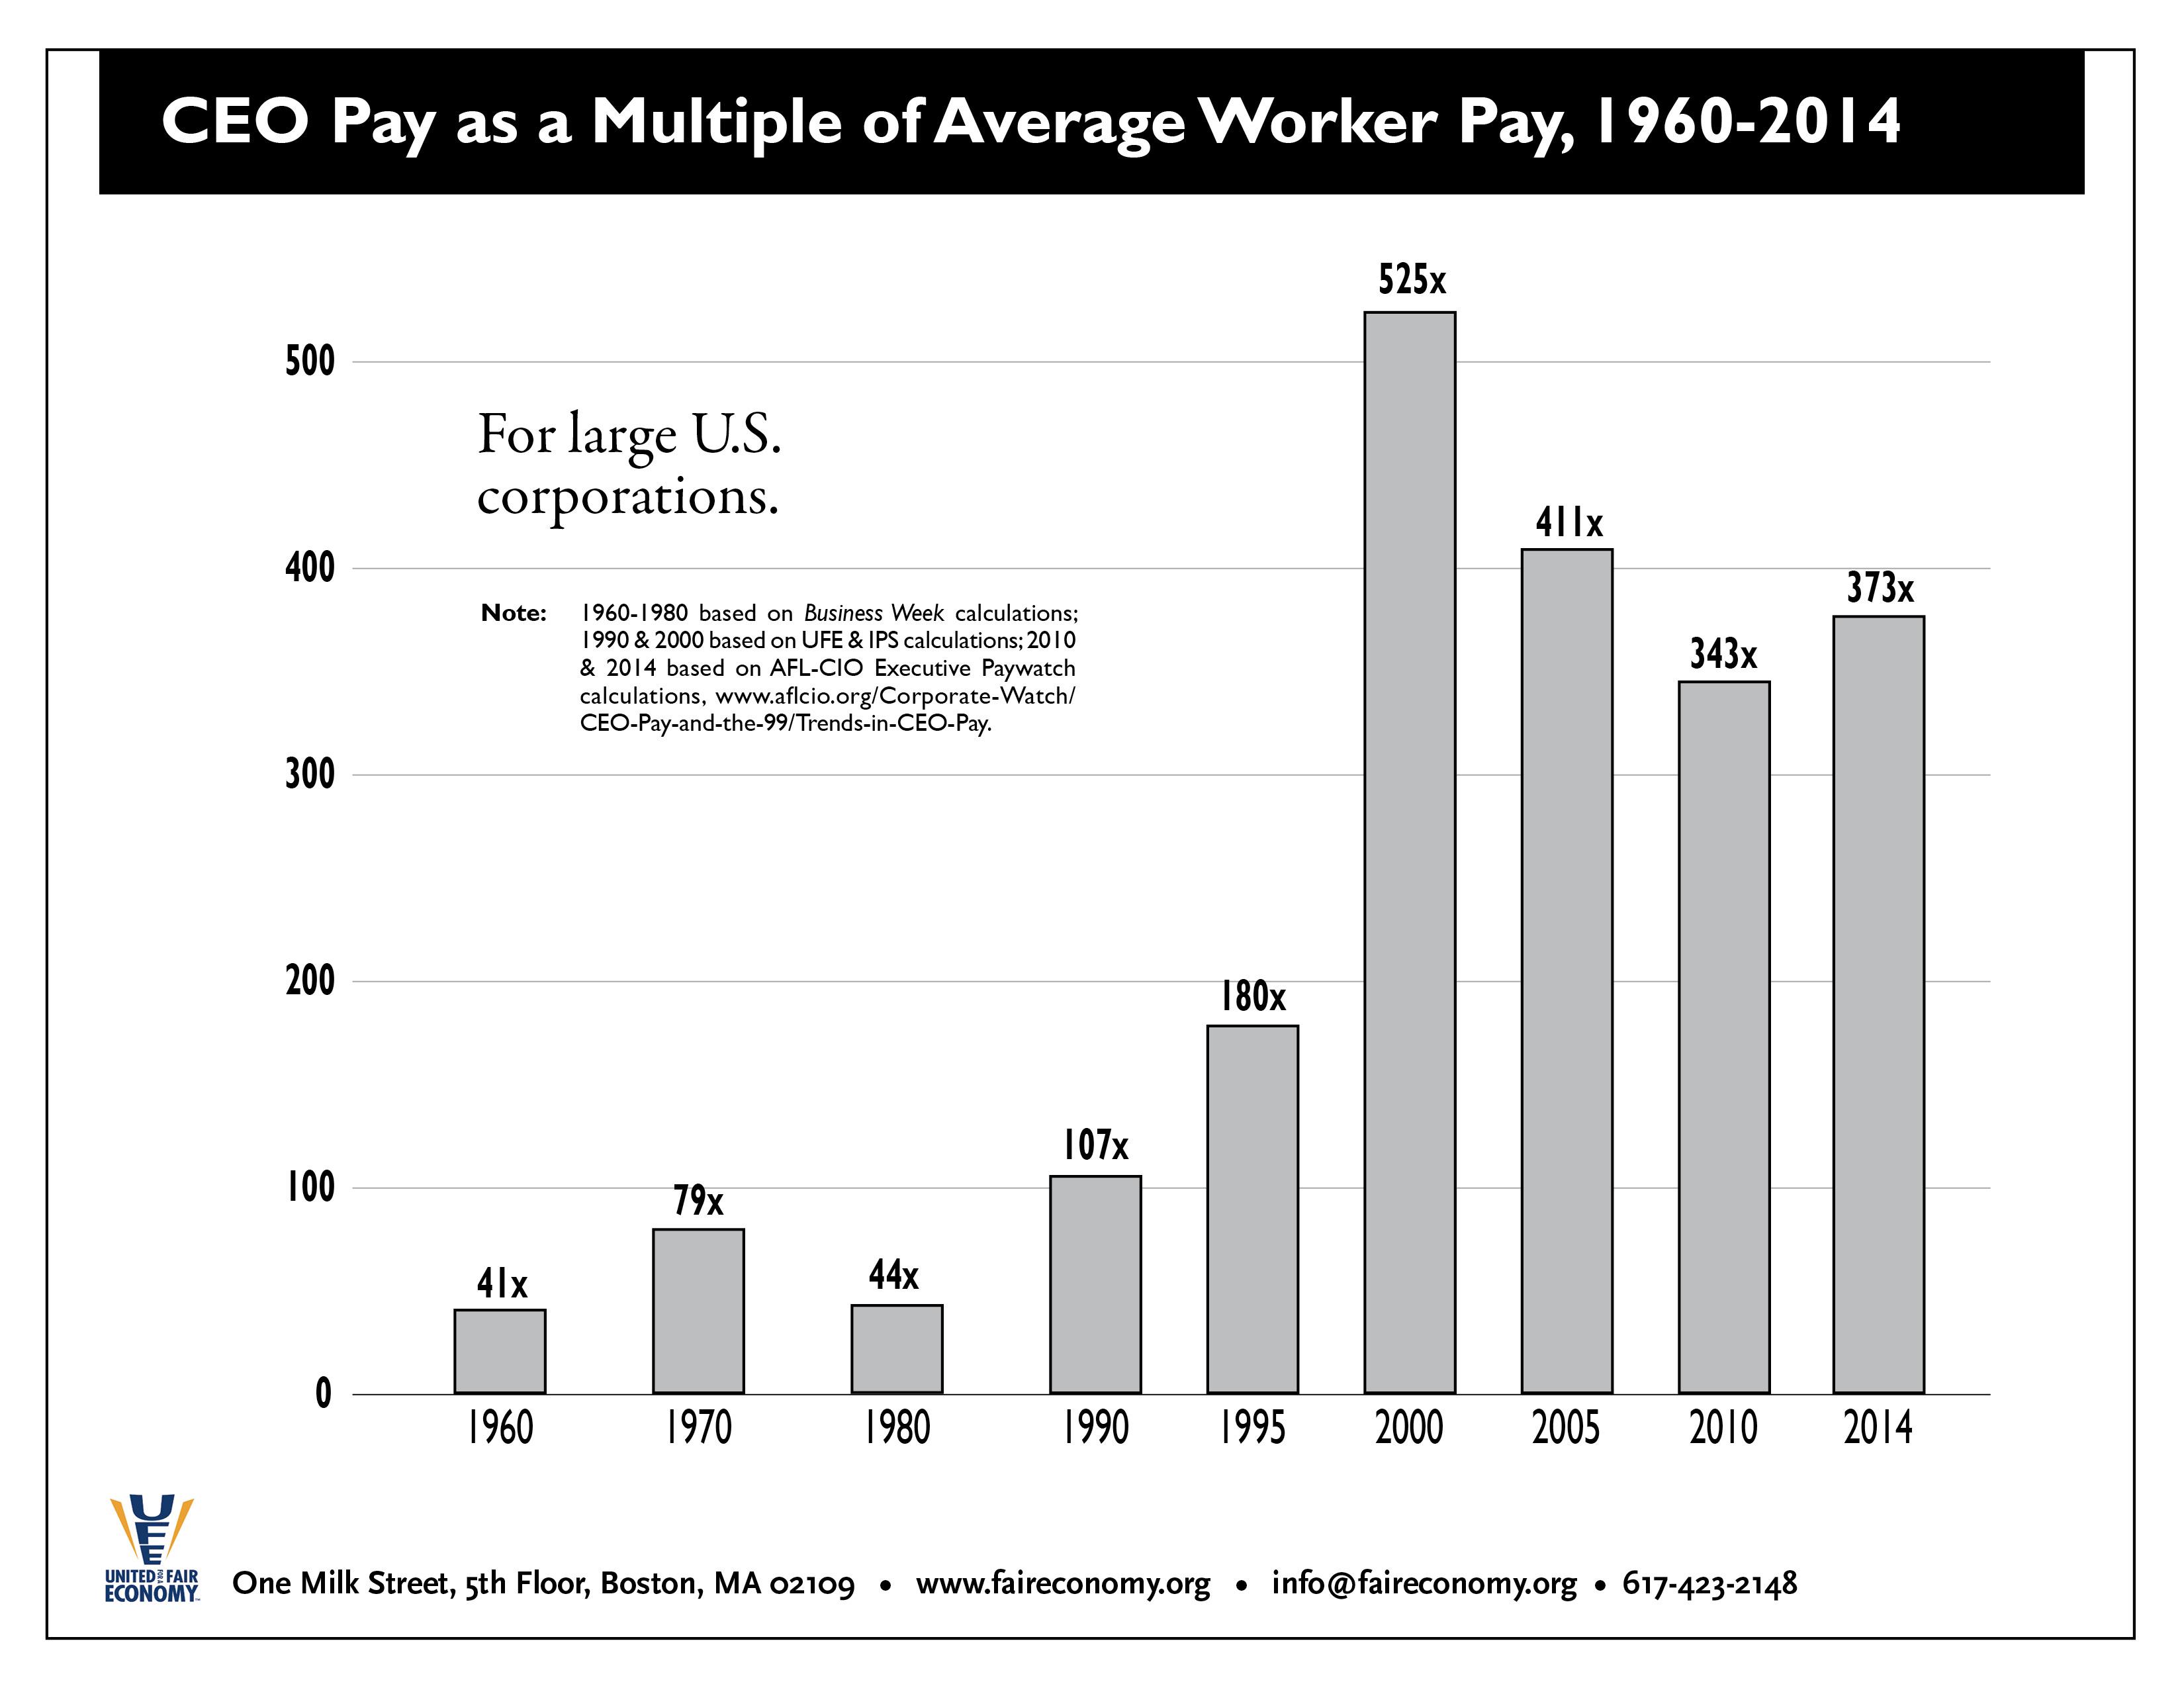 CEO_Pay_1960-2014.jpg